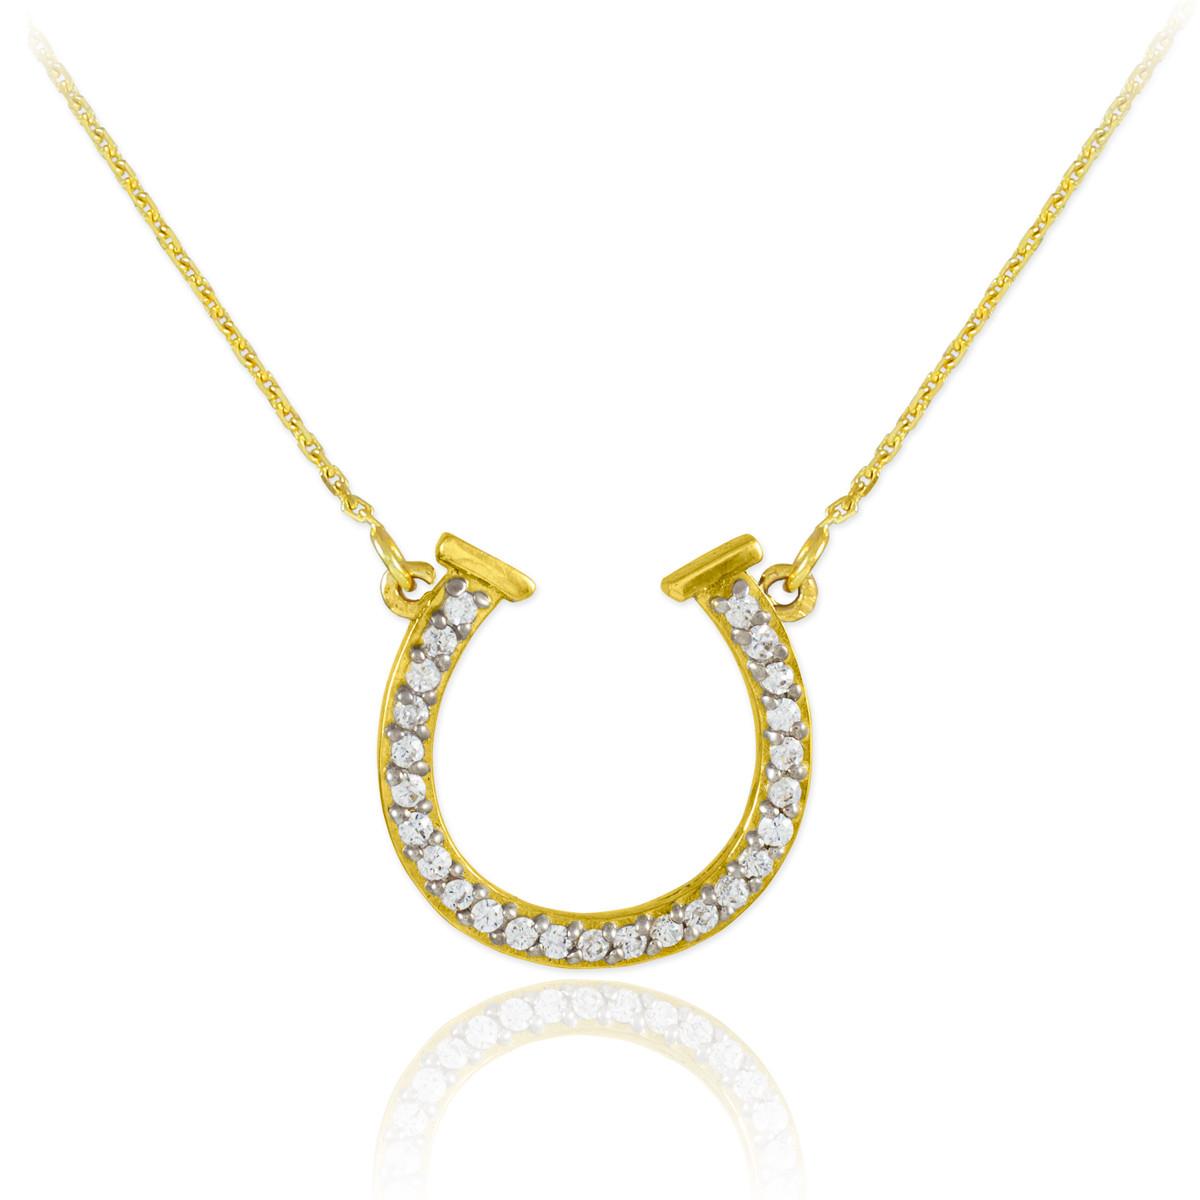 14k gold cz horseshoe necklace